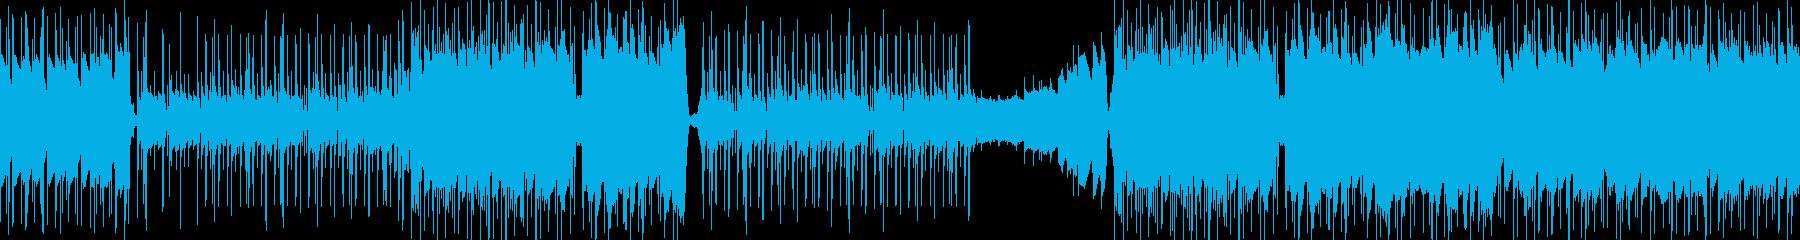 トラップ ヒップホップ 実験的な ...の再生済みの波形